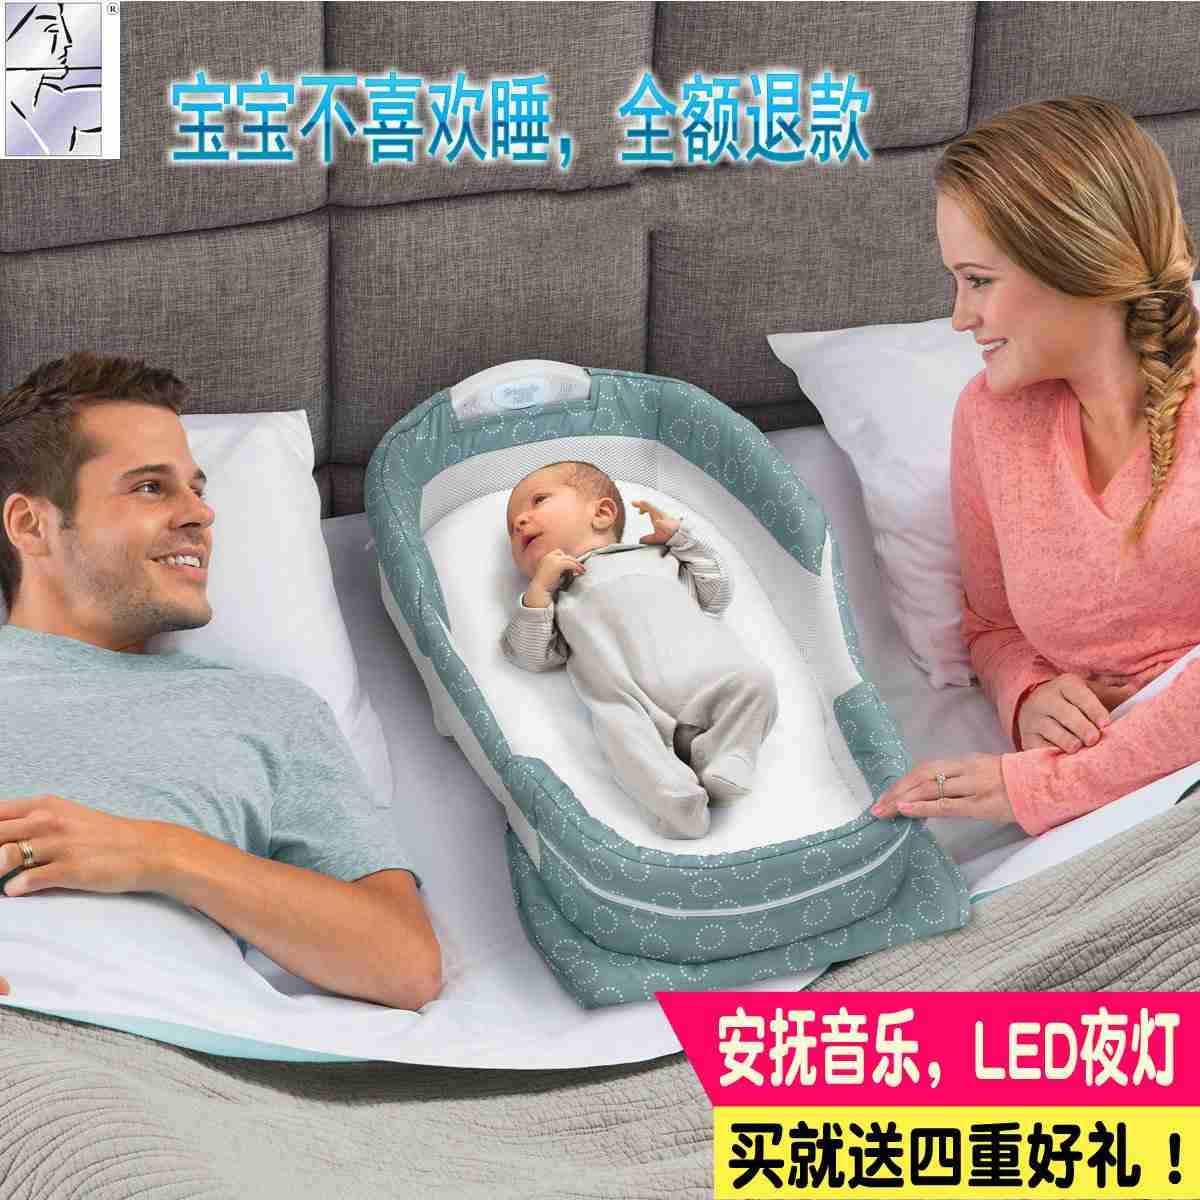 ベビーベットをかごの蚊帳中床ベッドの上で携帯折りたたみベッド多機能の新入生の簡易を式可児防圧